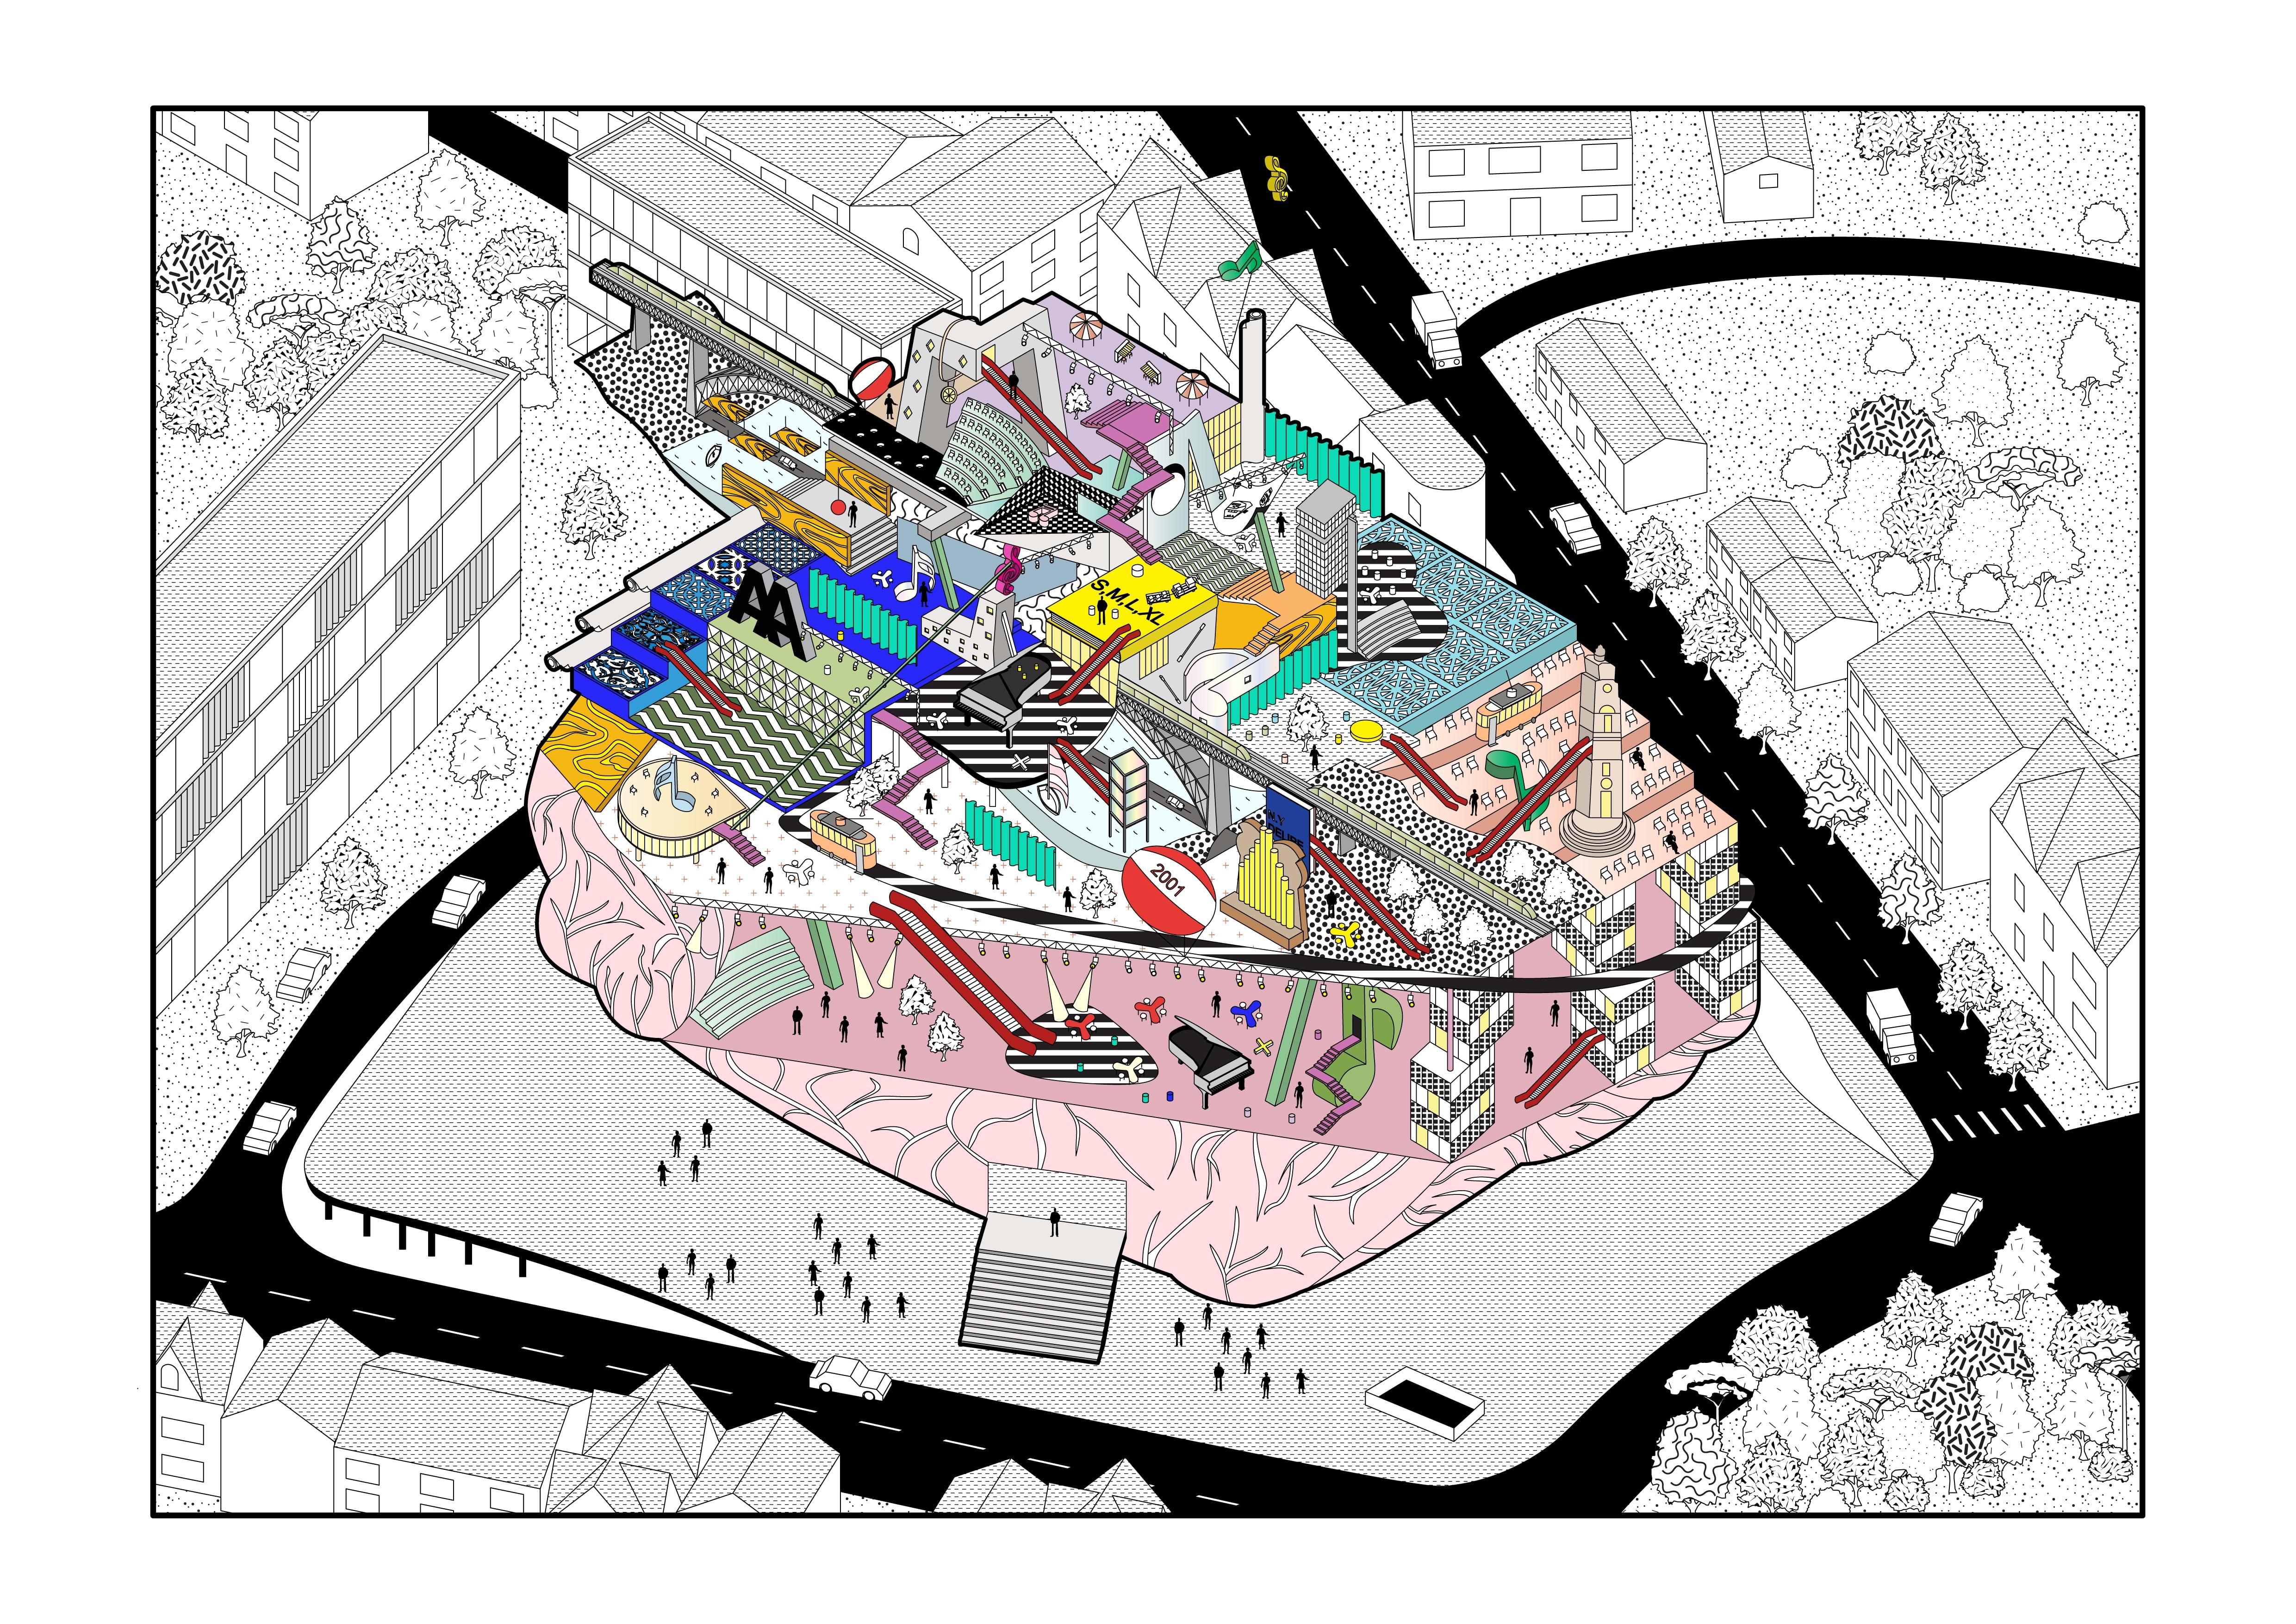 Casa da Música - a fragmented journey in Rem's brain